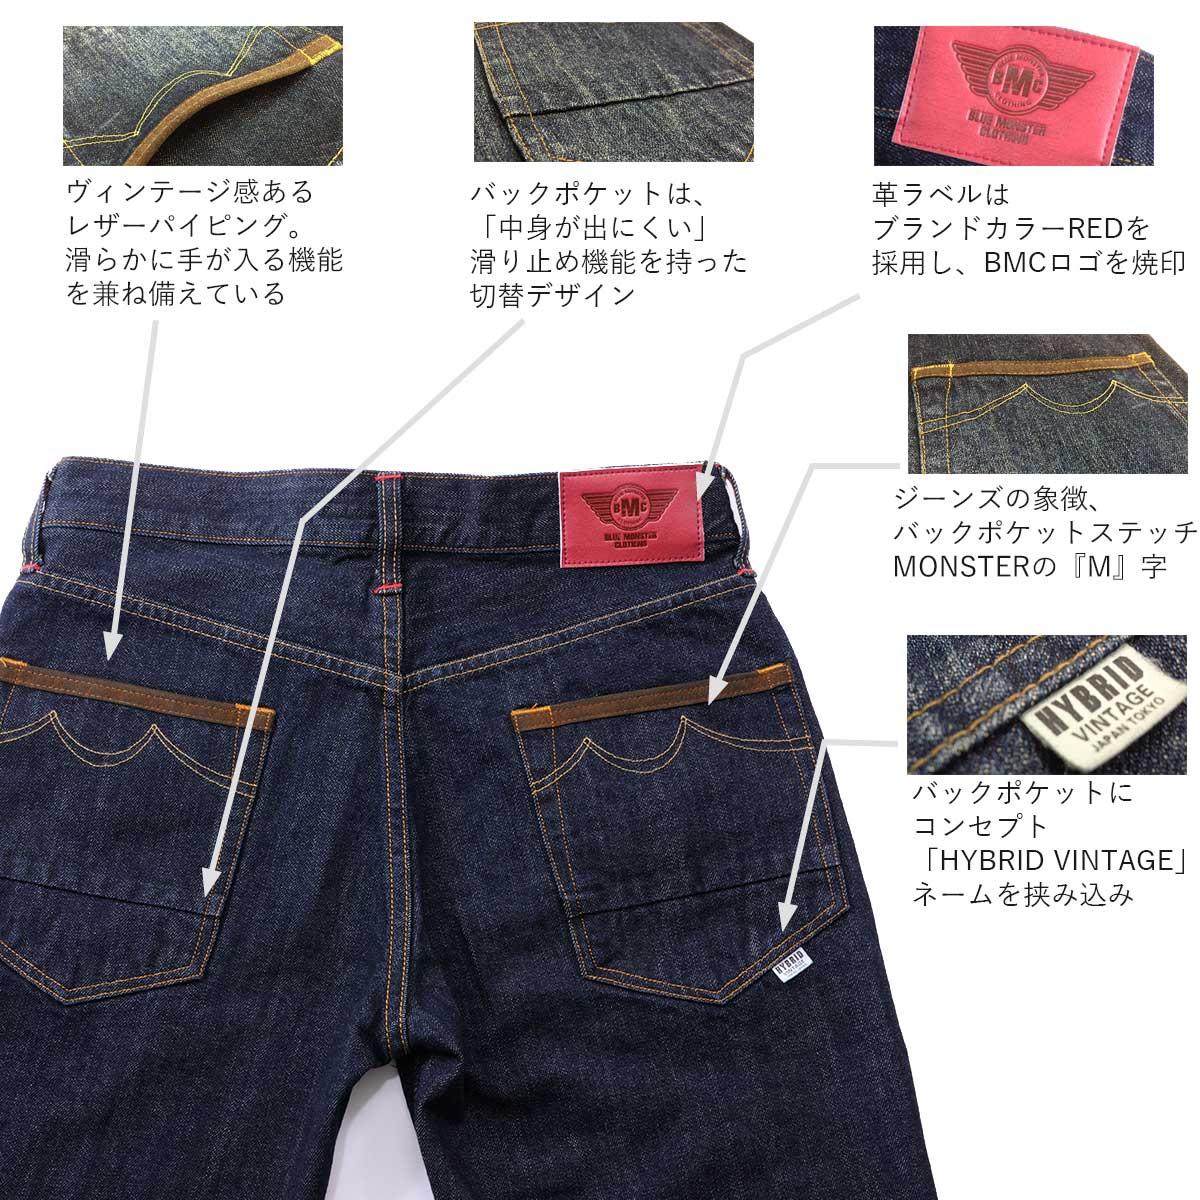 BMCジーンズ